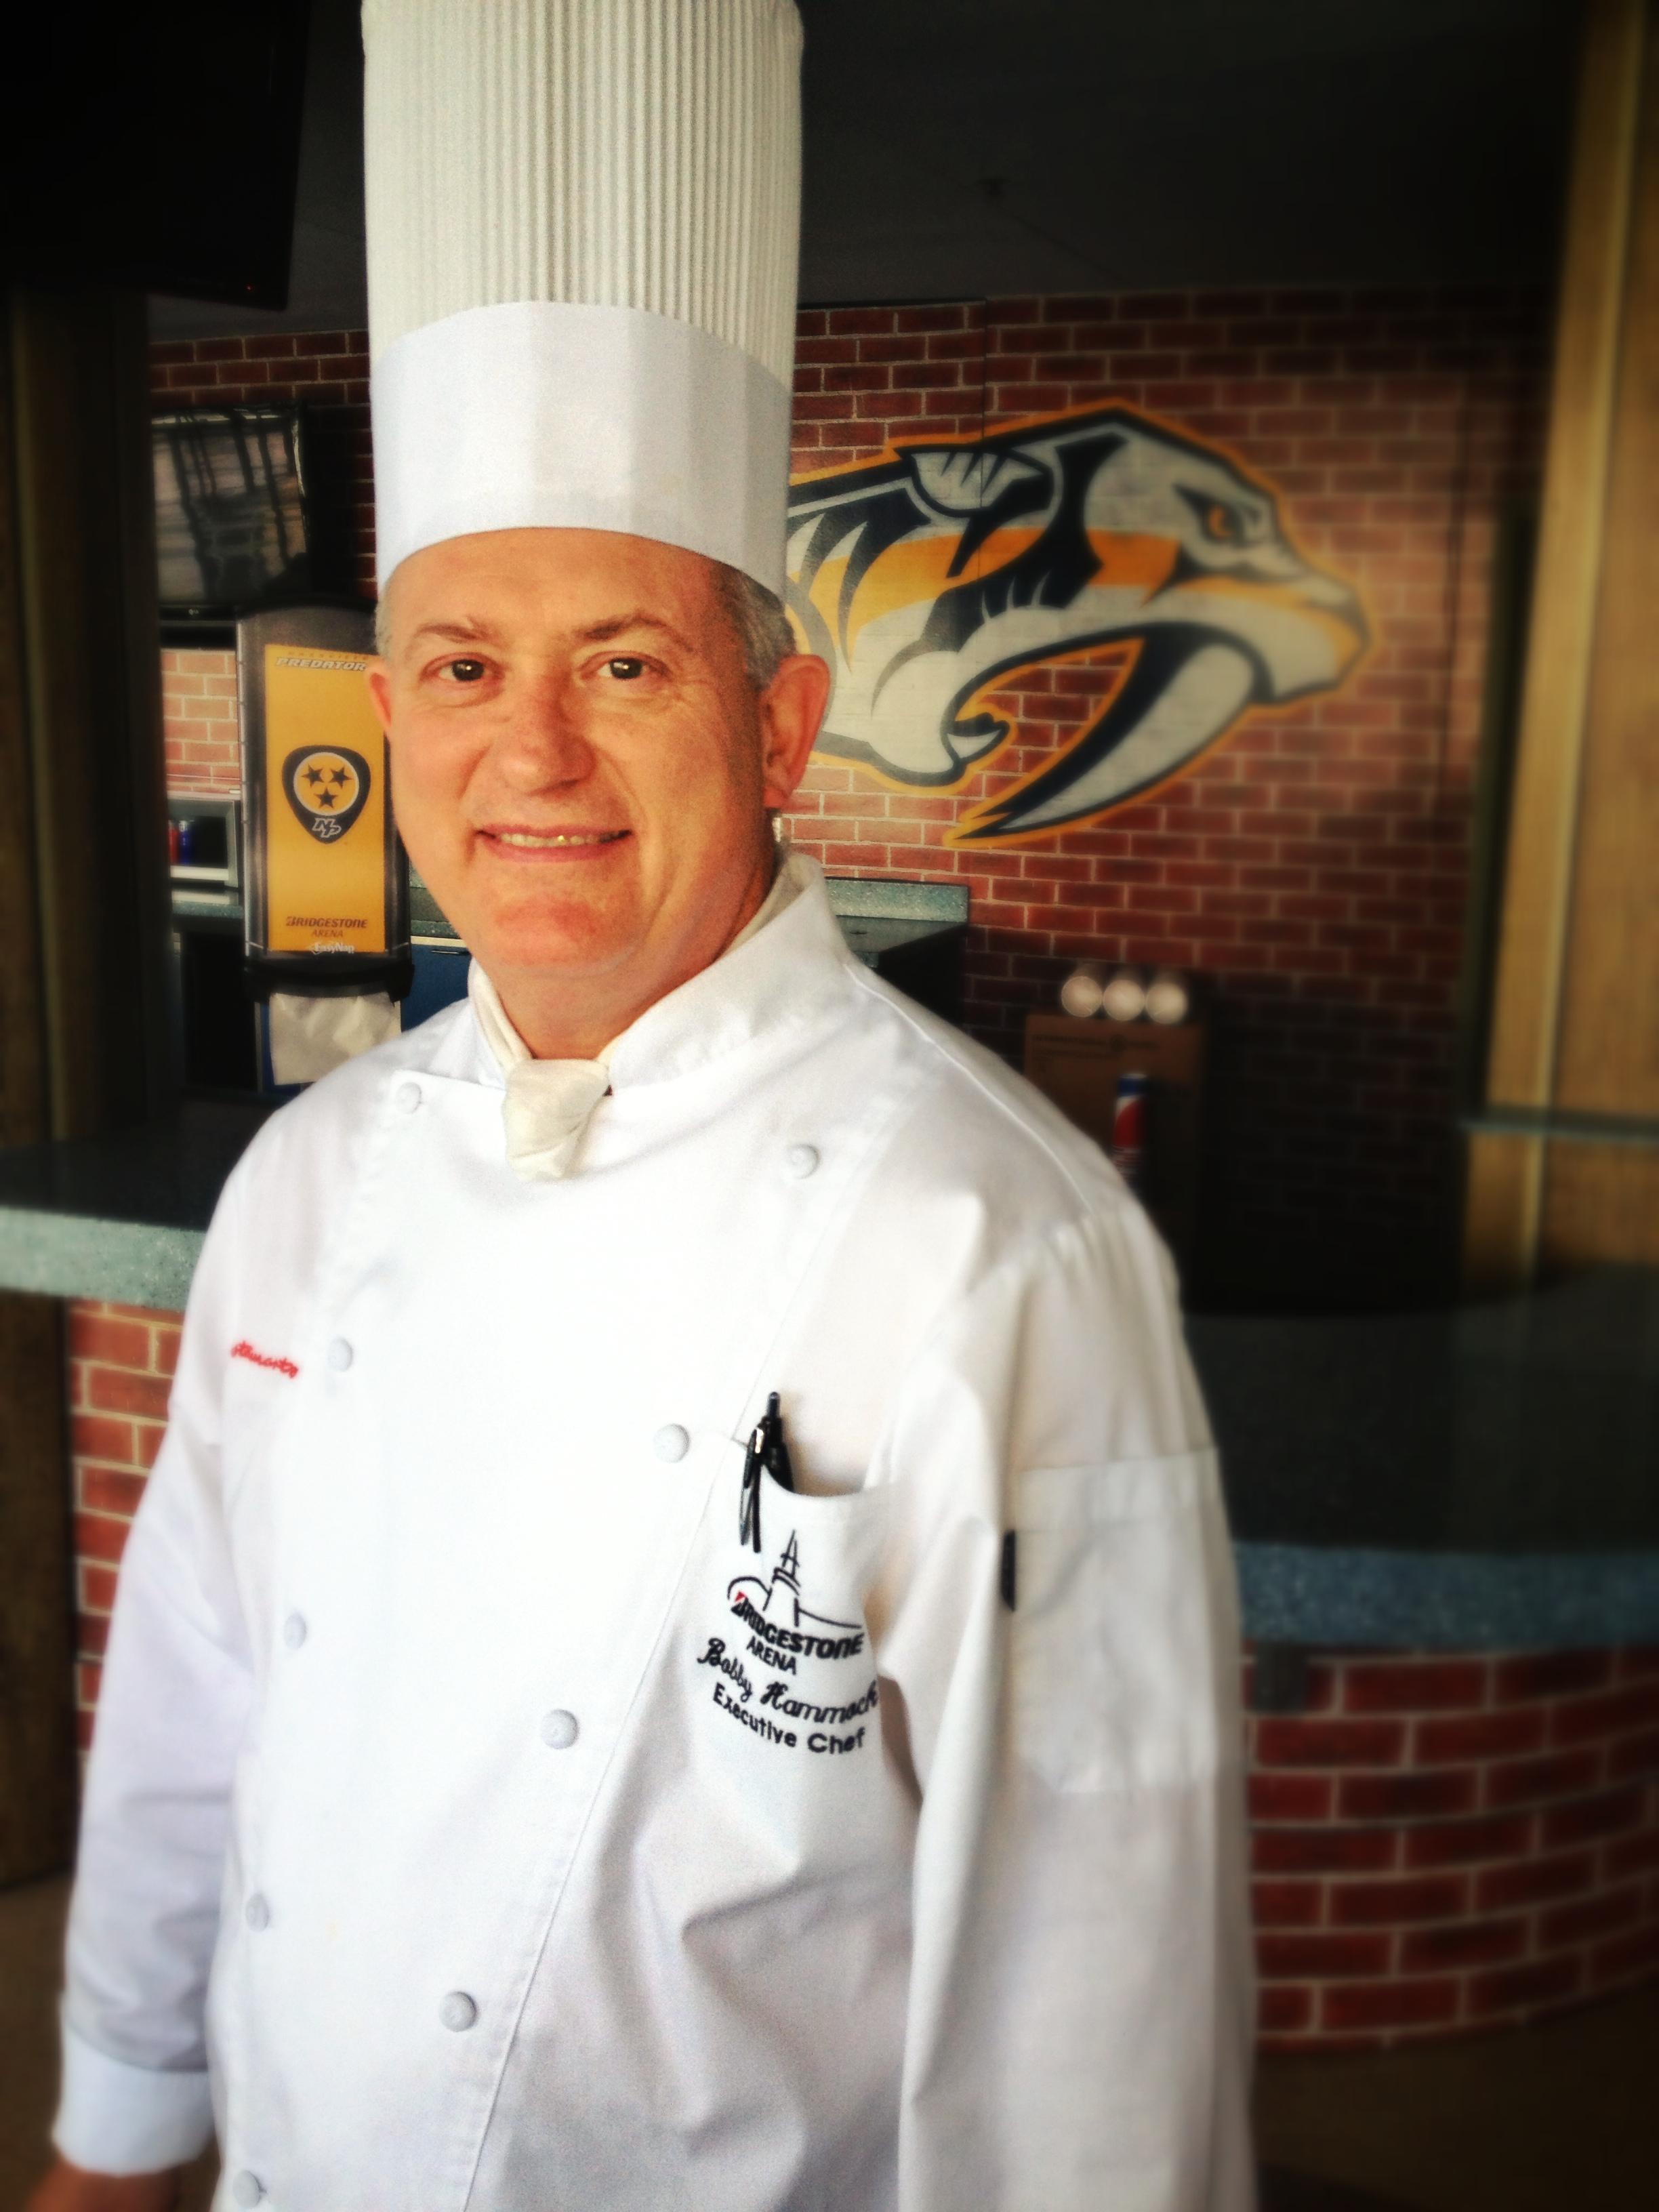 Chef Bobby Photo.JPG